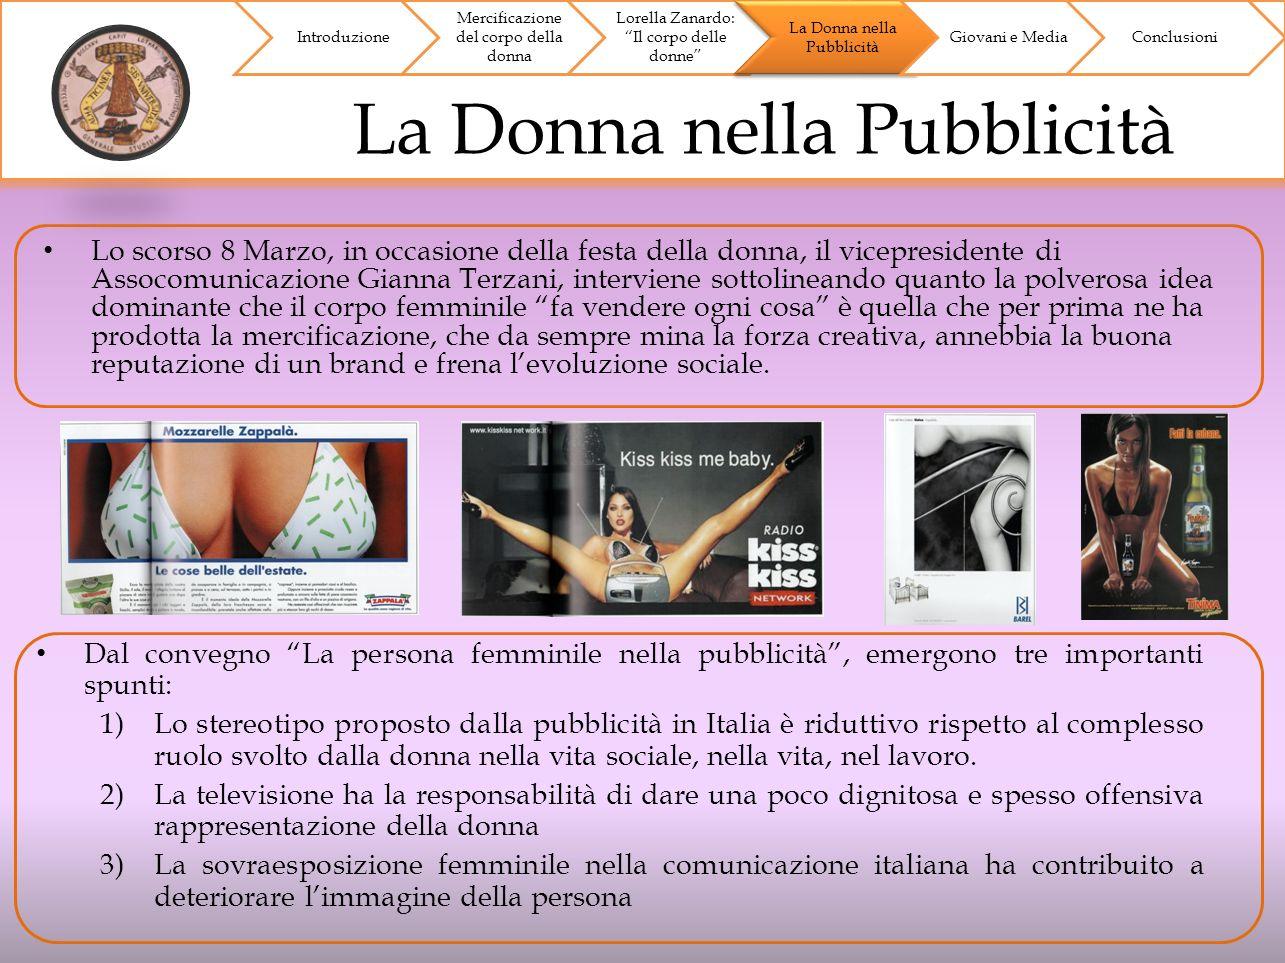 La Donna nella Pubblicità